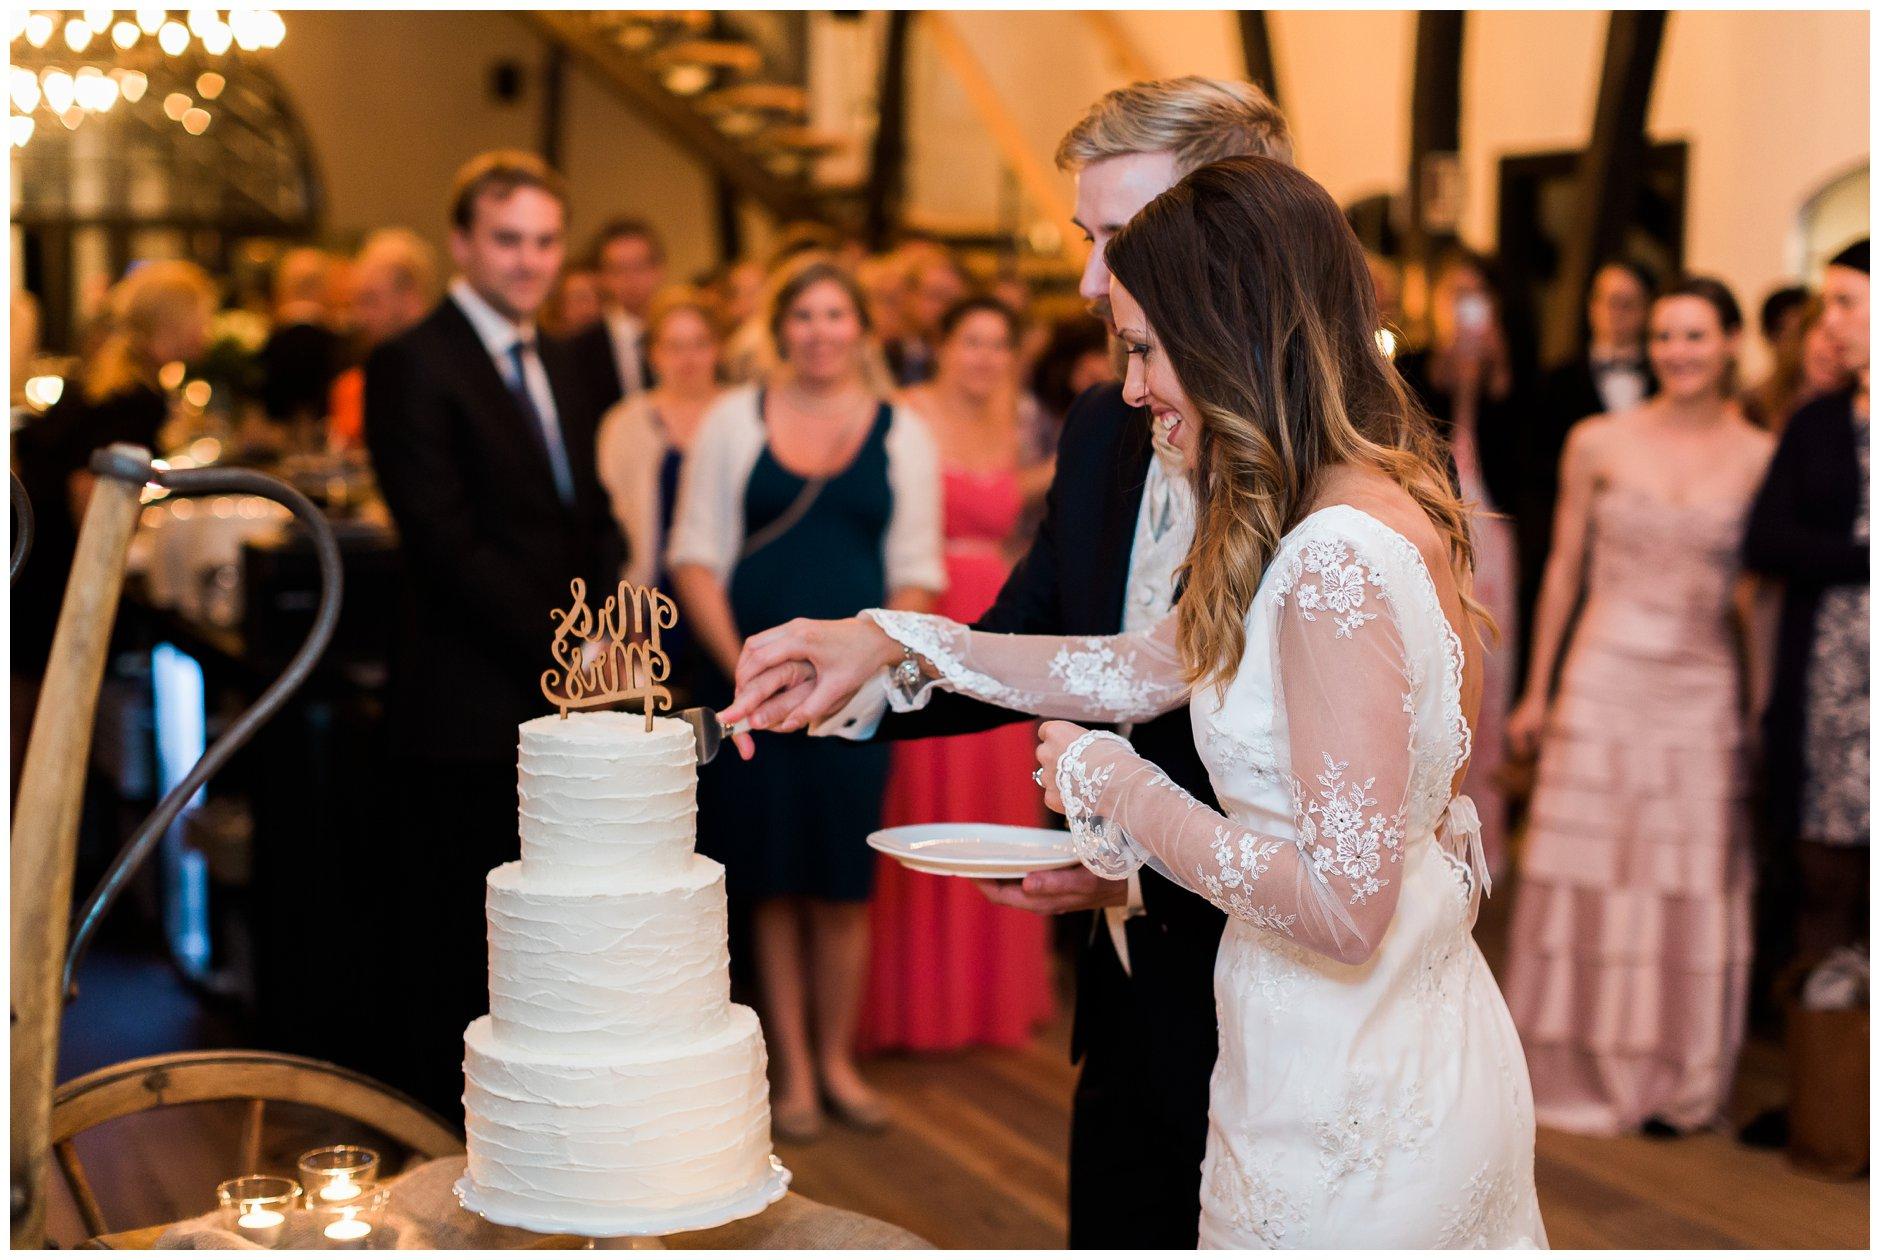 Fotograf-Eline-Jacobine-Bryllup-Glenne-Gård-Glenne-Weddig_0102